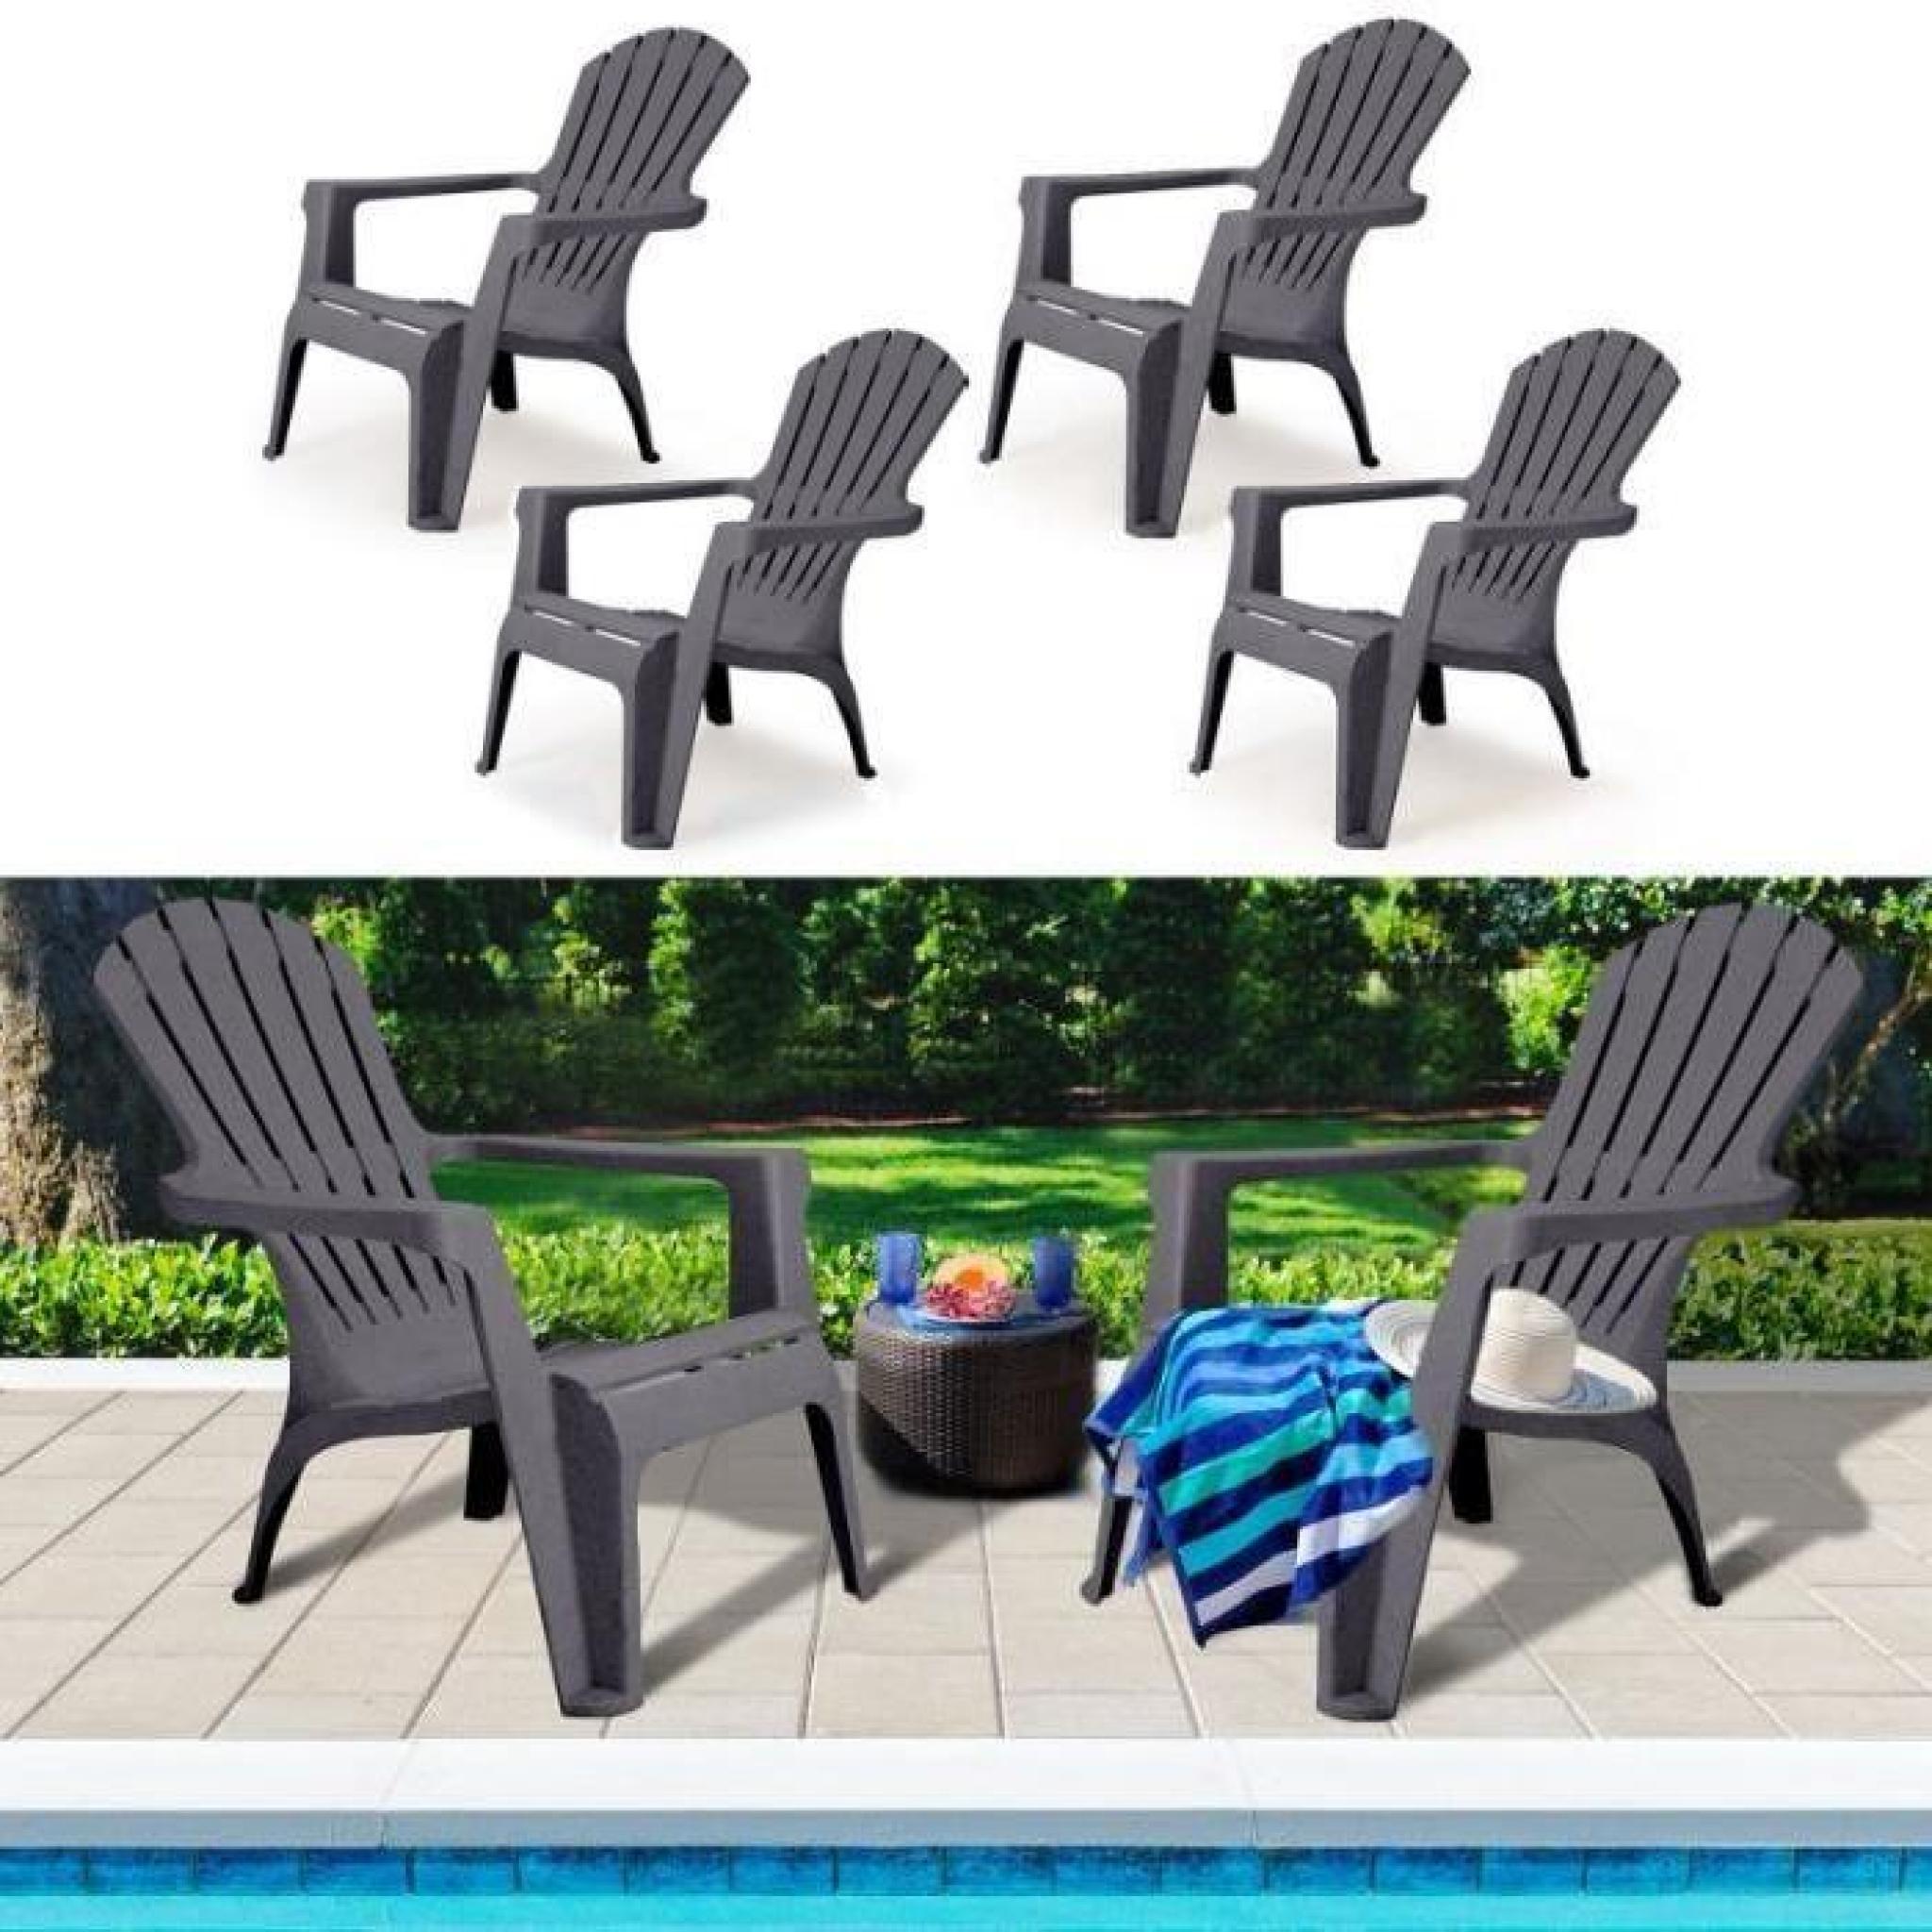 fauteuil chaise de jardin confort lot x4 gris achat vente fauteuil de jardin relaxation pas